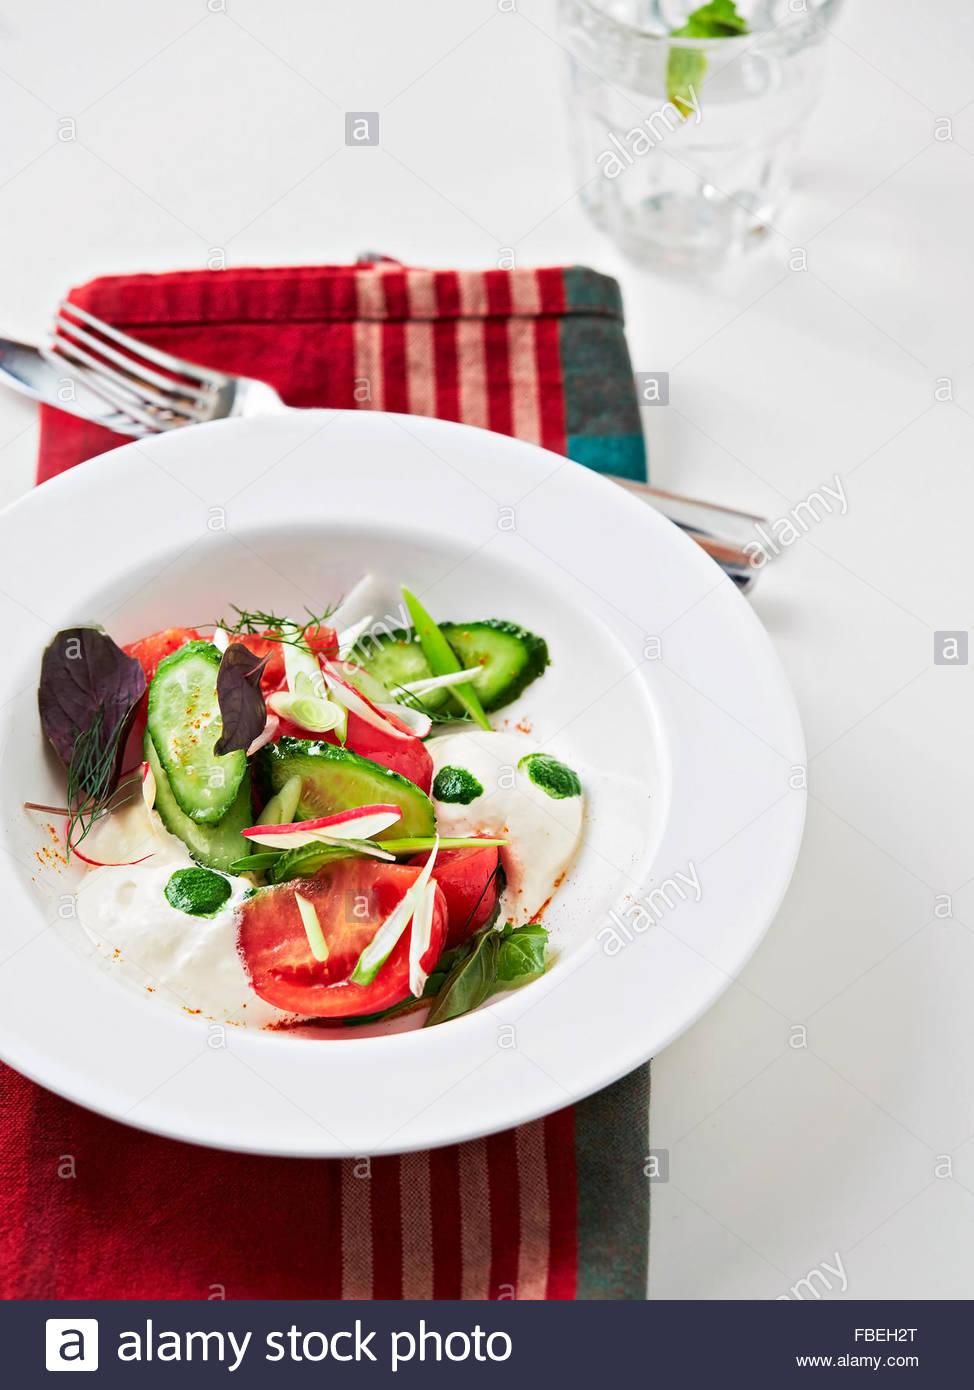 Salade fraîche au concombre, basilic, tomates Banque D'Images